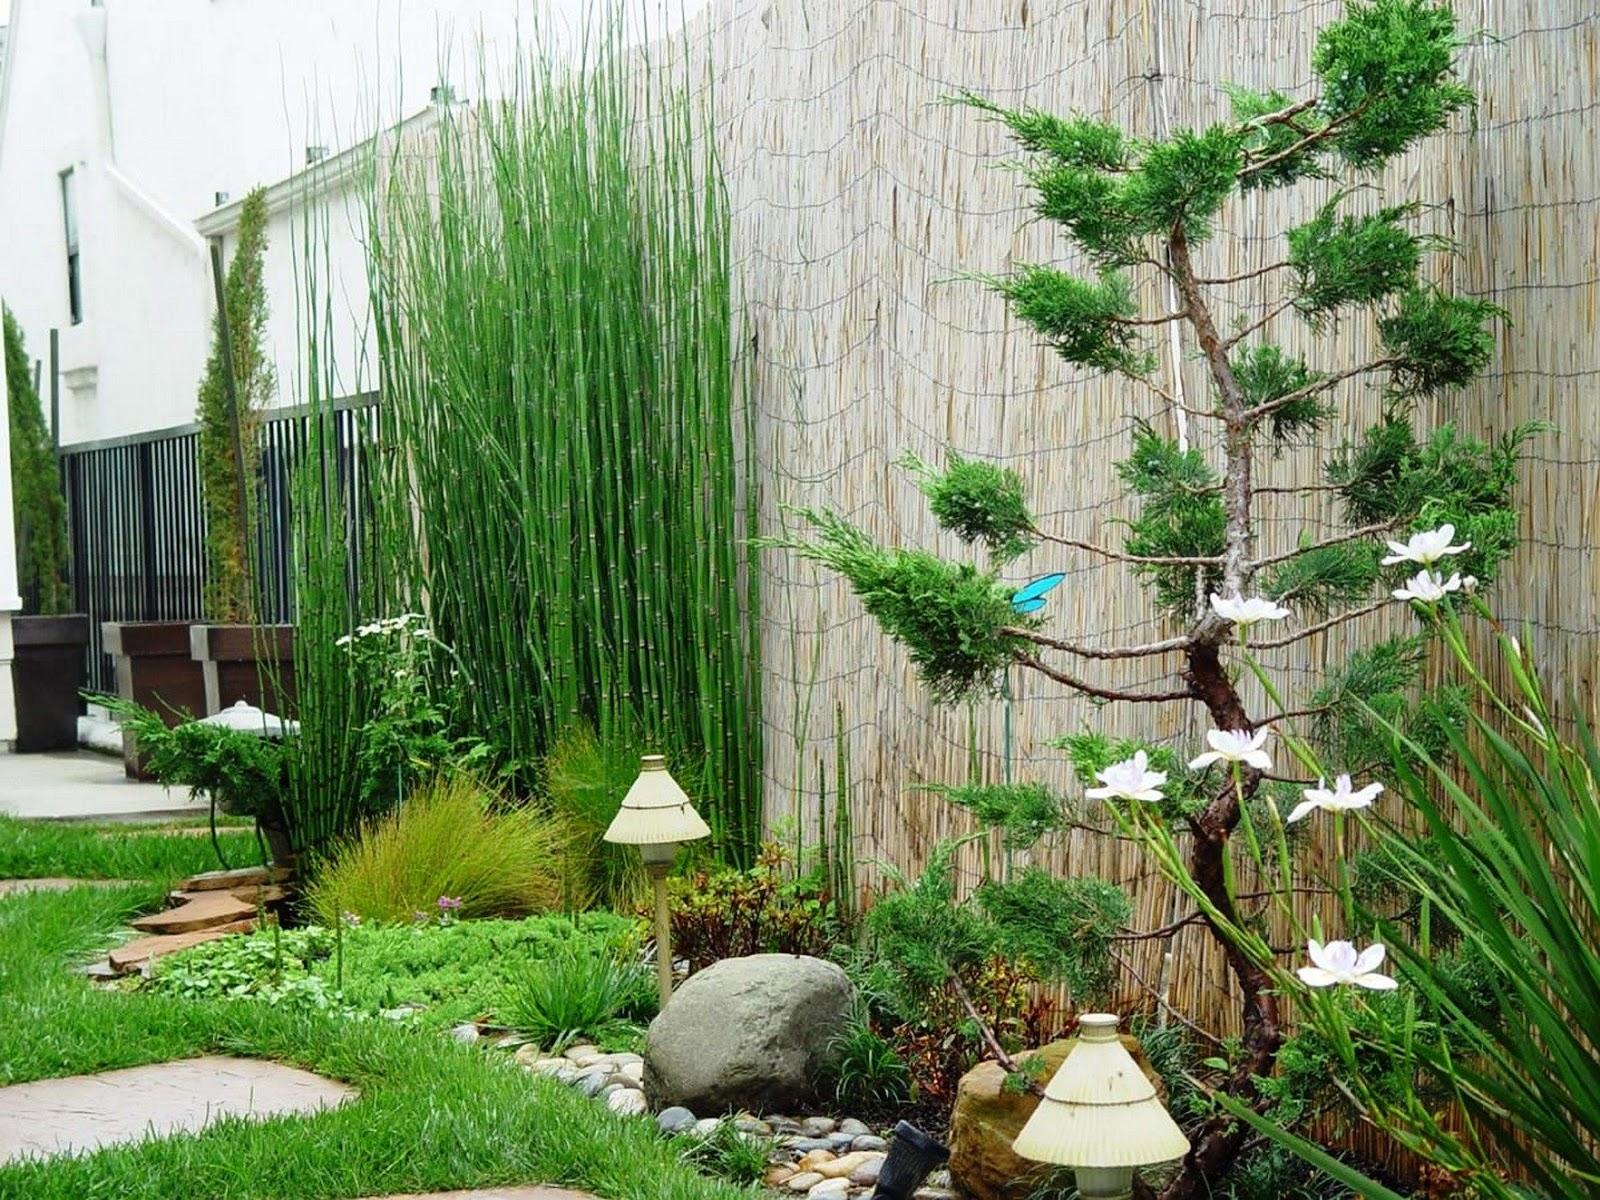 30 Desain Taman Minimalis Belakang Rumah Di Lahan Sempit Namun